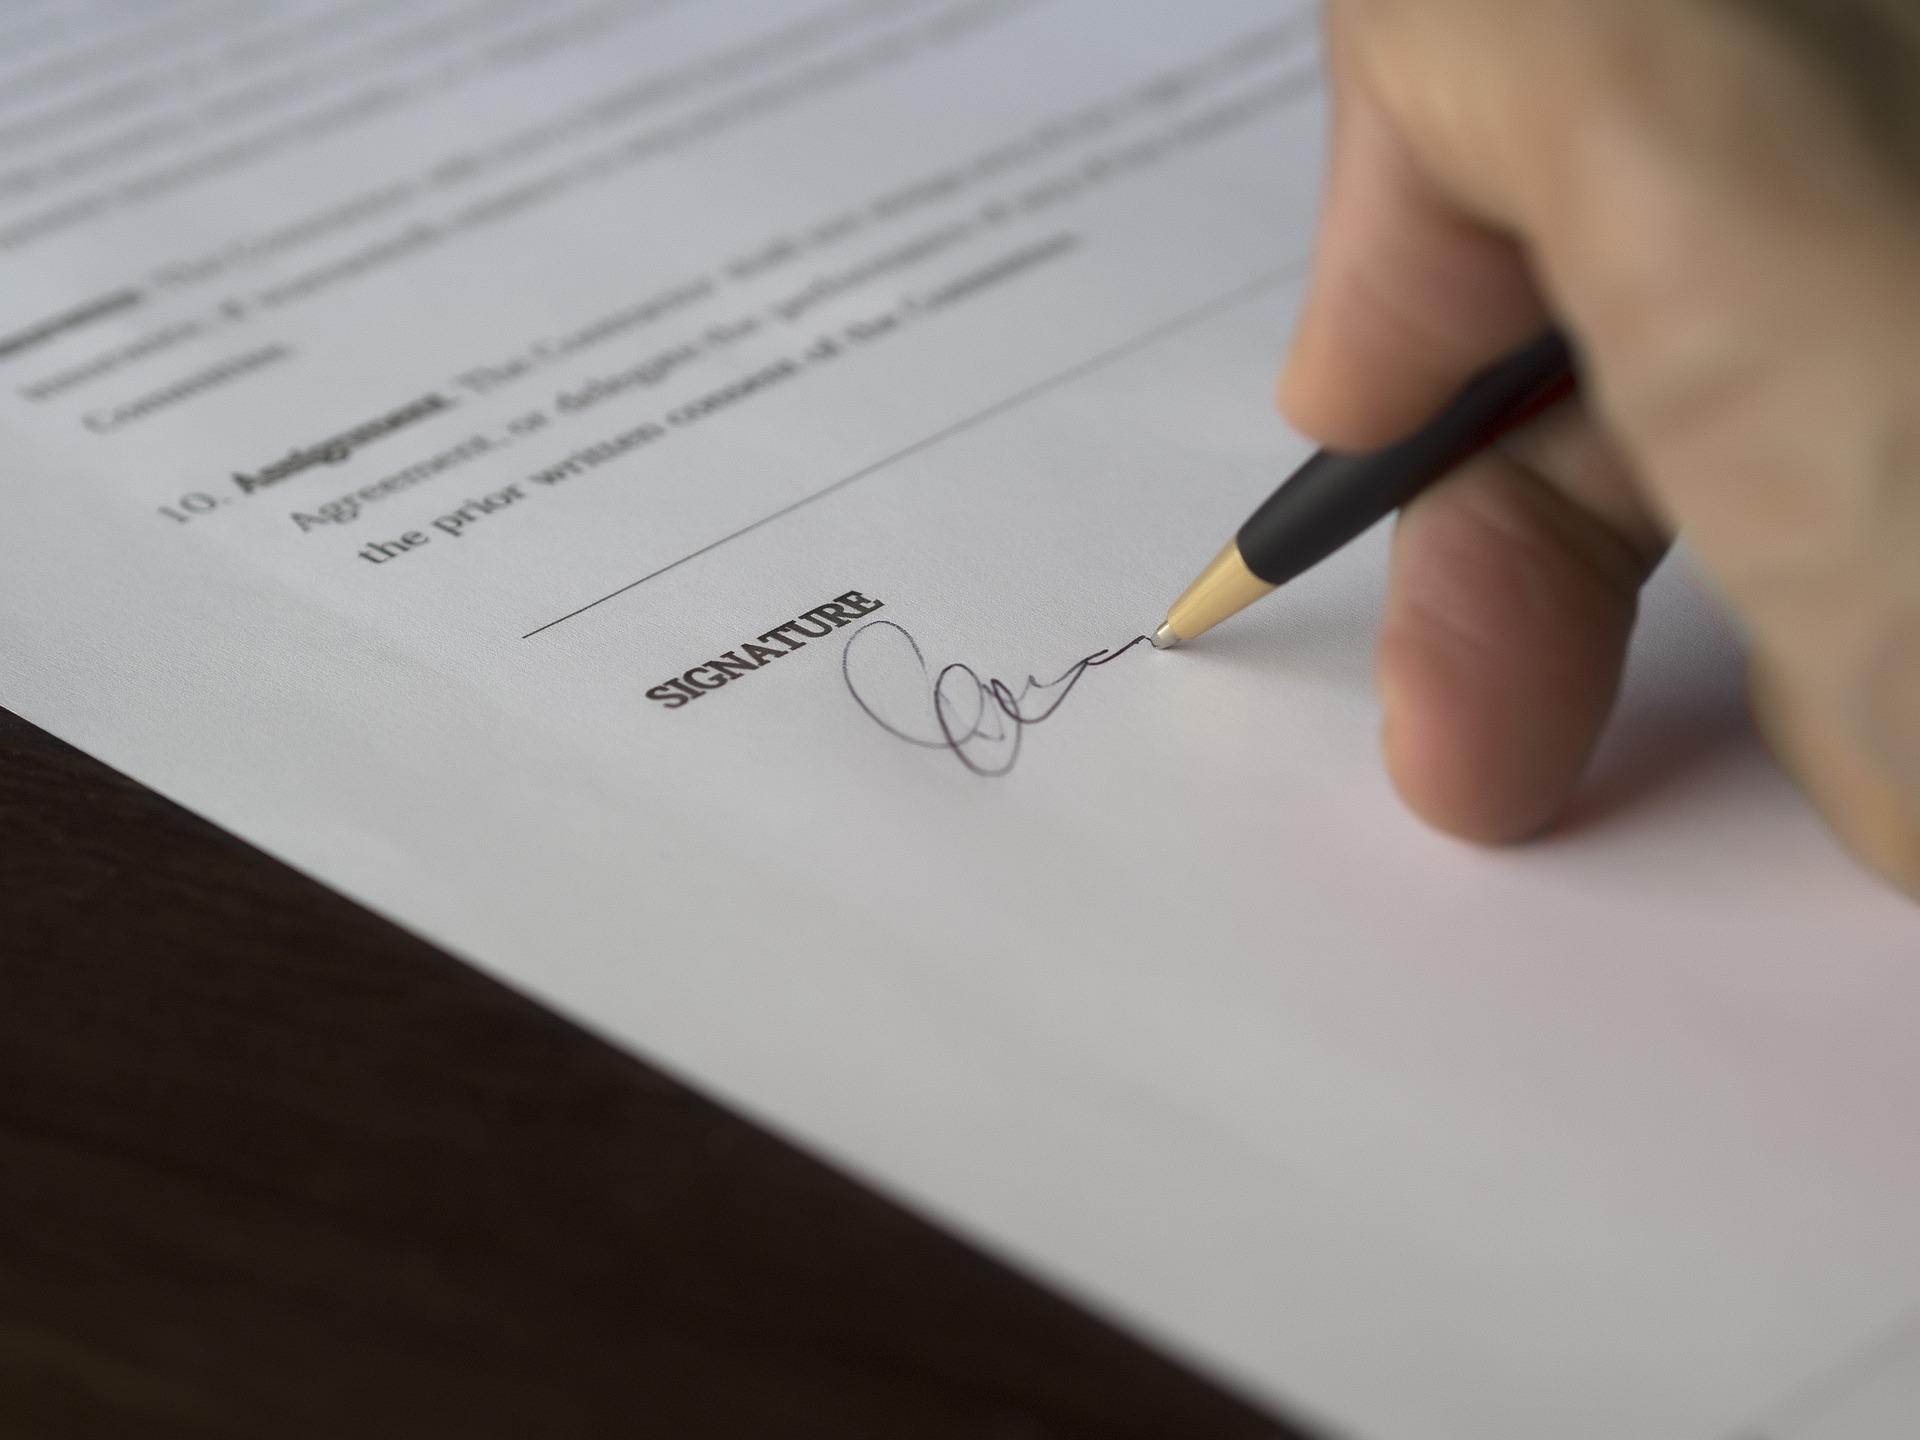 Právne rady pre tvoj business #3: Na čo si dávať pozor v zmluvách? – 1. diel